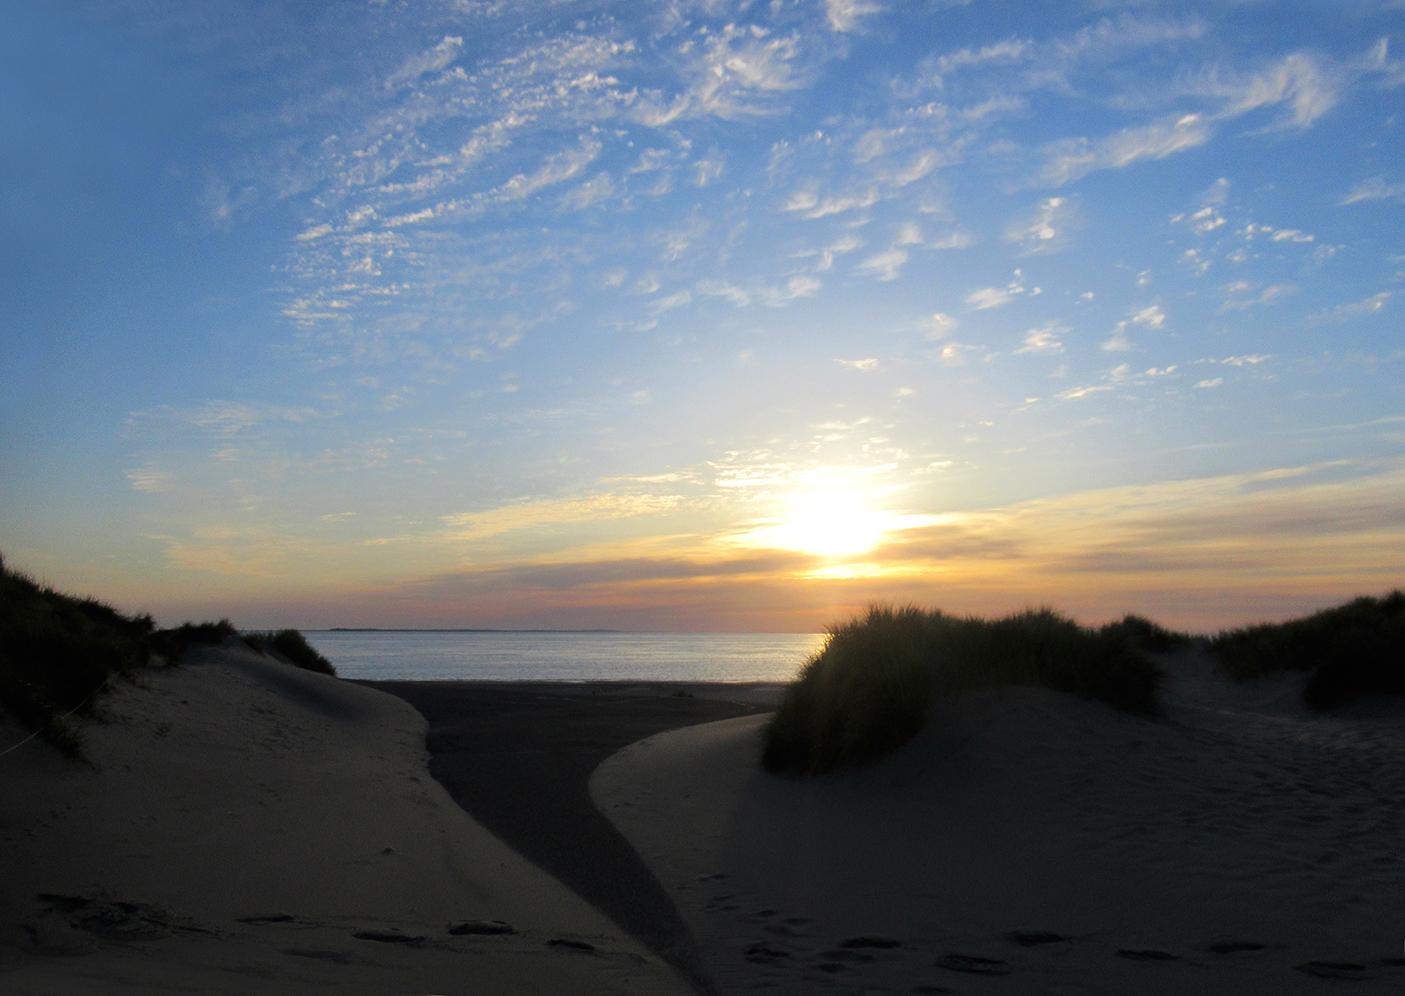 Ochtendstemming aan zee vanuit de duinen op Texel richting Vlieland en Terschelling – Foto: ©Louis Fraanje